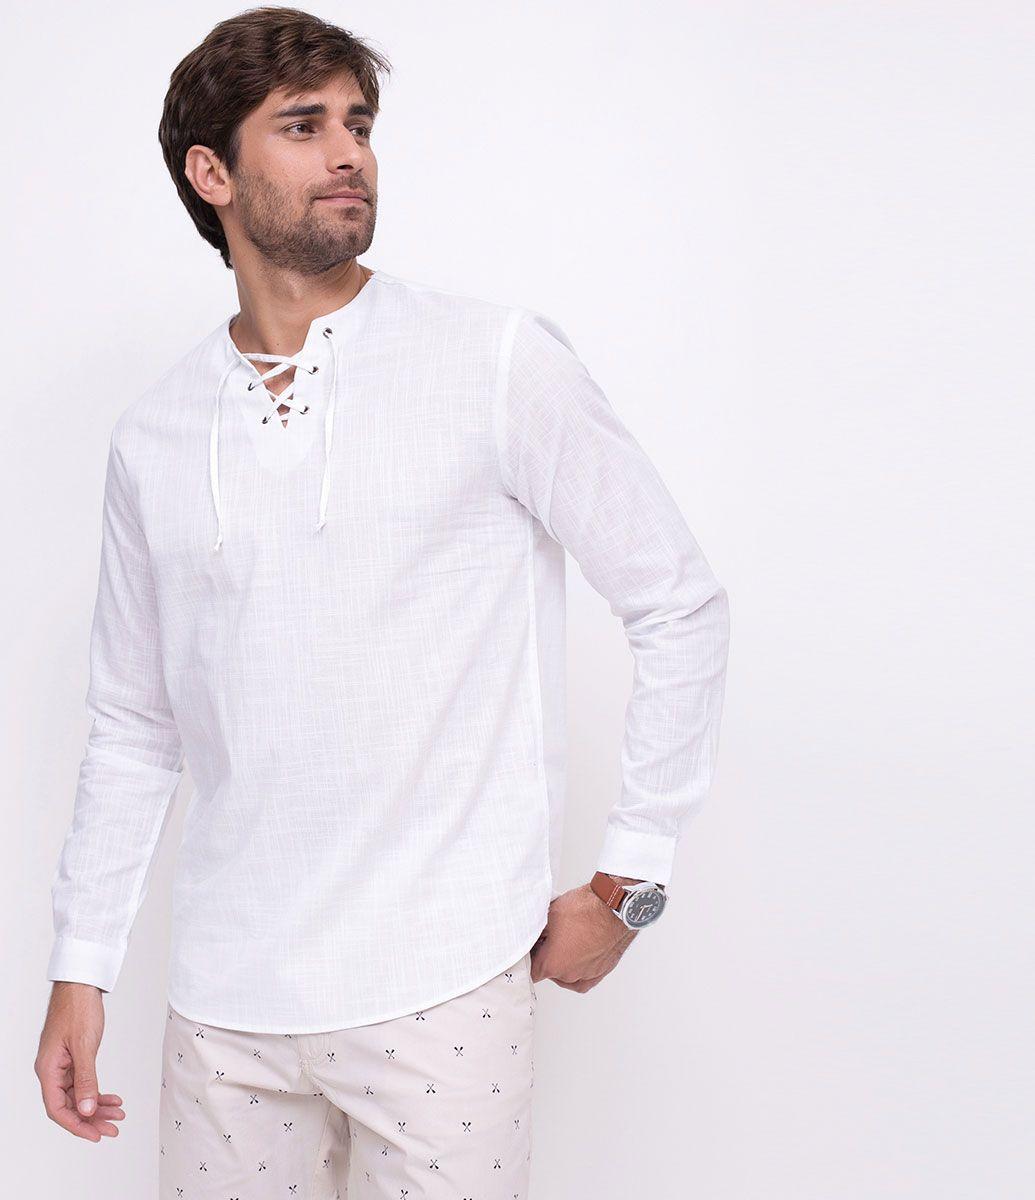 75870c324a Camisa masculina Manga longa Gola padre Com amarração Marca  Marfinno  Tecido  Voal Composição